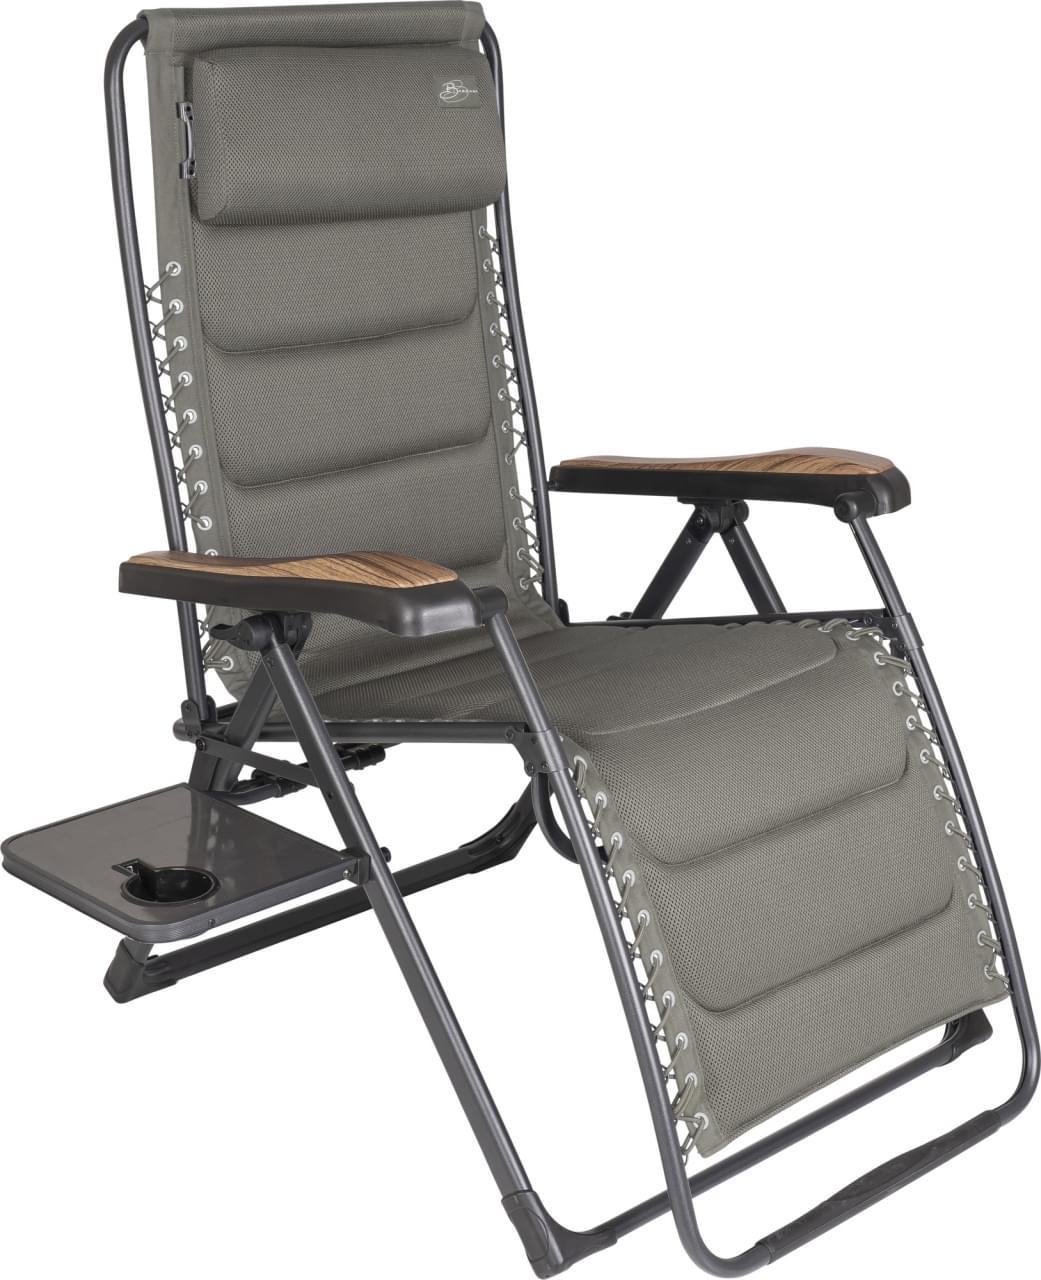 Bardani Riposo Alu 3D Comfort Campingstoel Grijs